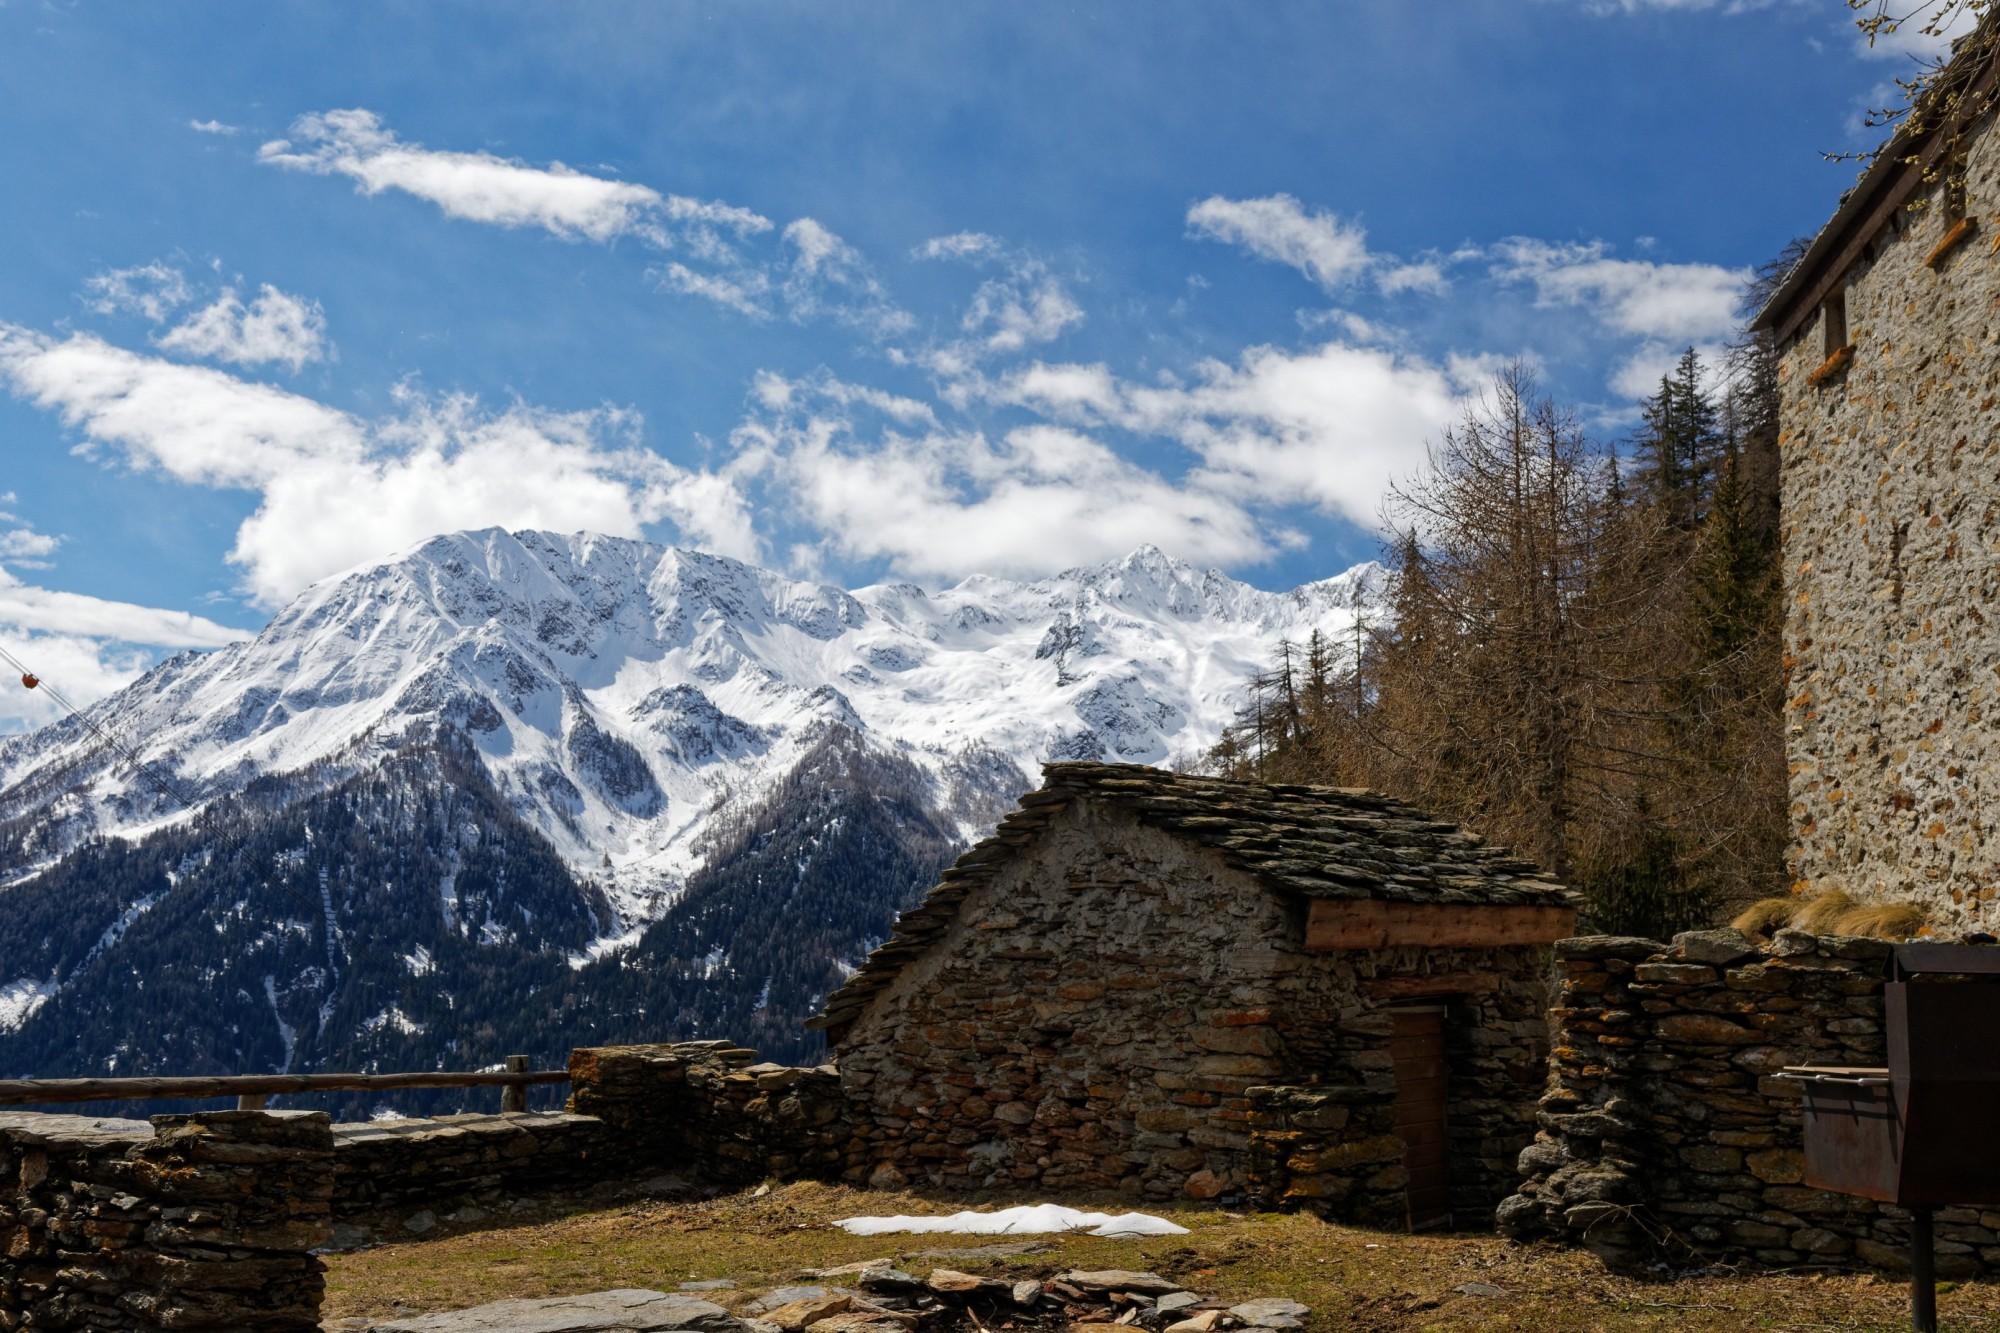 schneebedeckte berge aufstieg lago ritom 2021-05-08